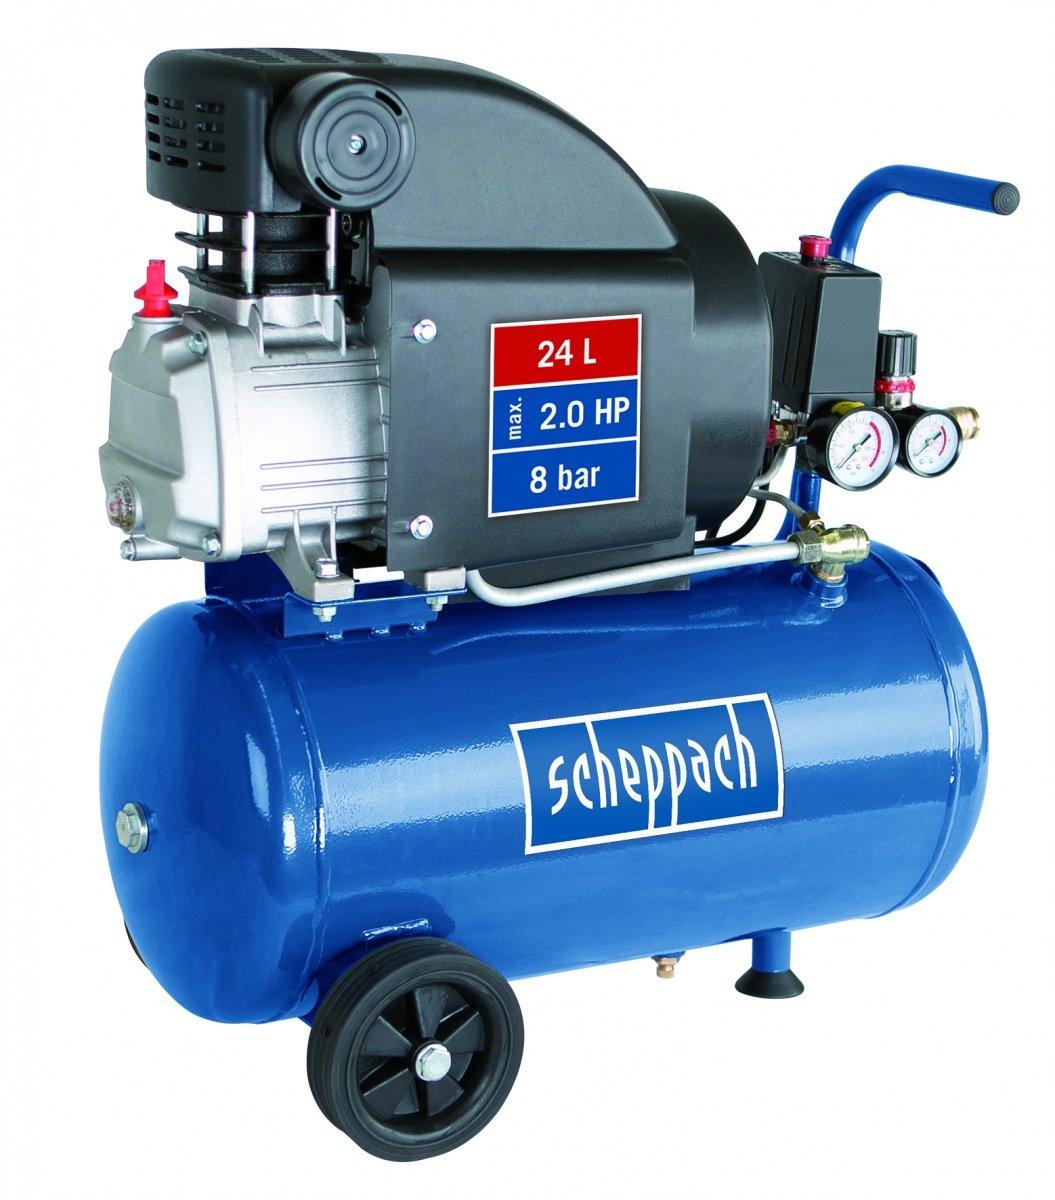 Scheppach HC 25 kompresor